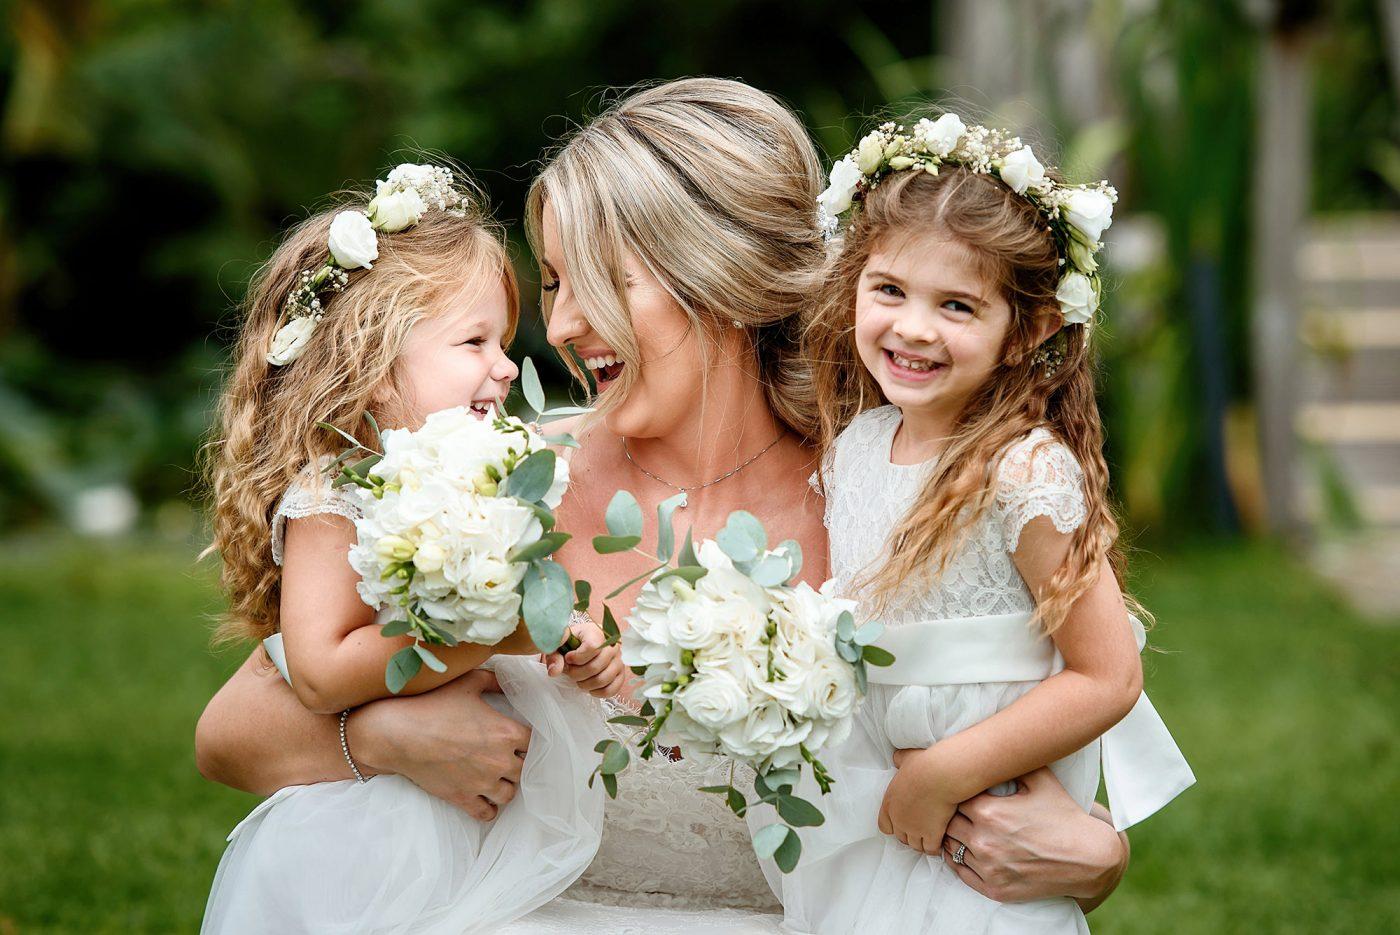 portrait of bride tickling flower girls